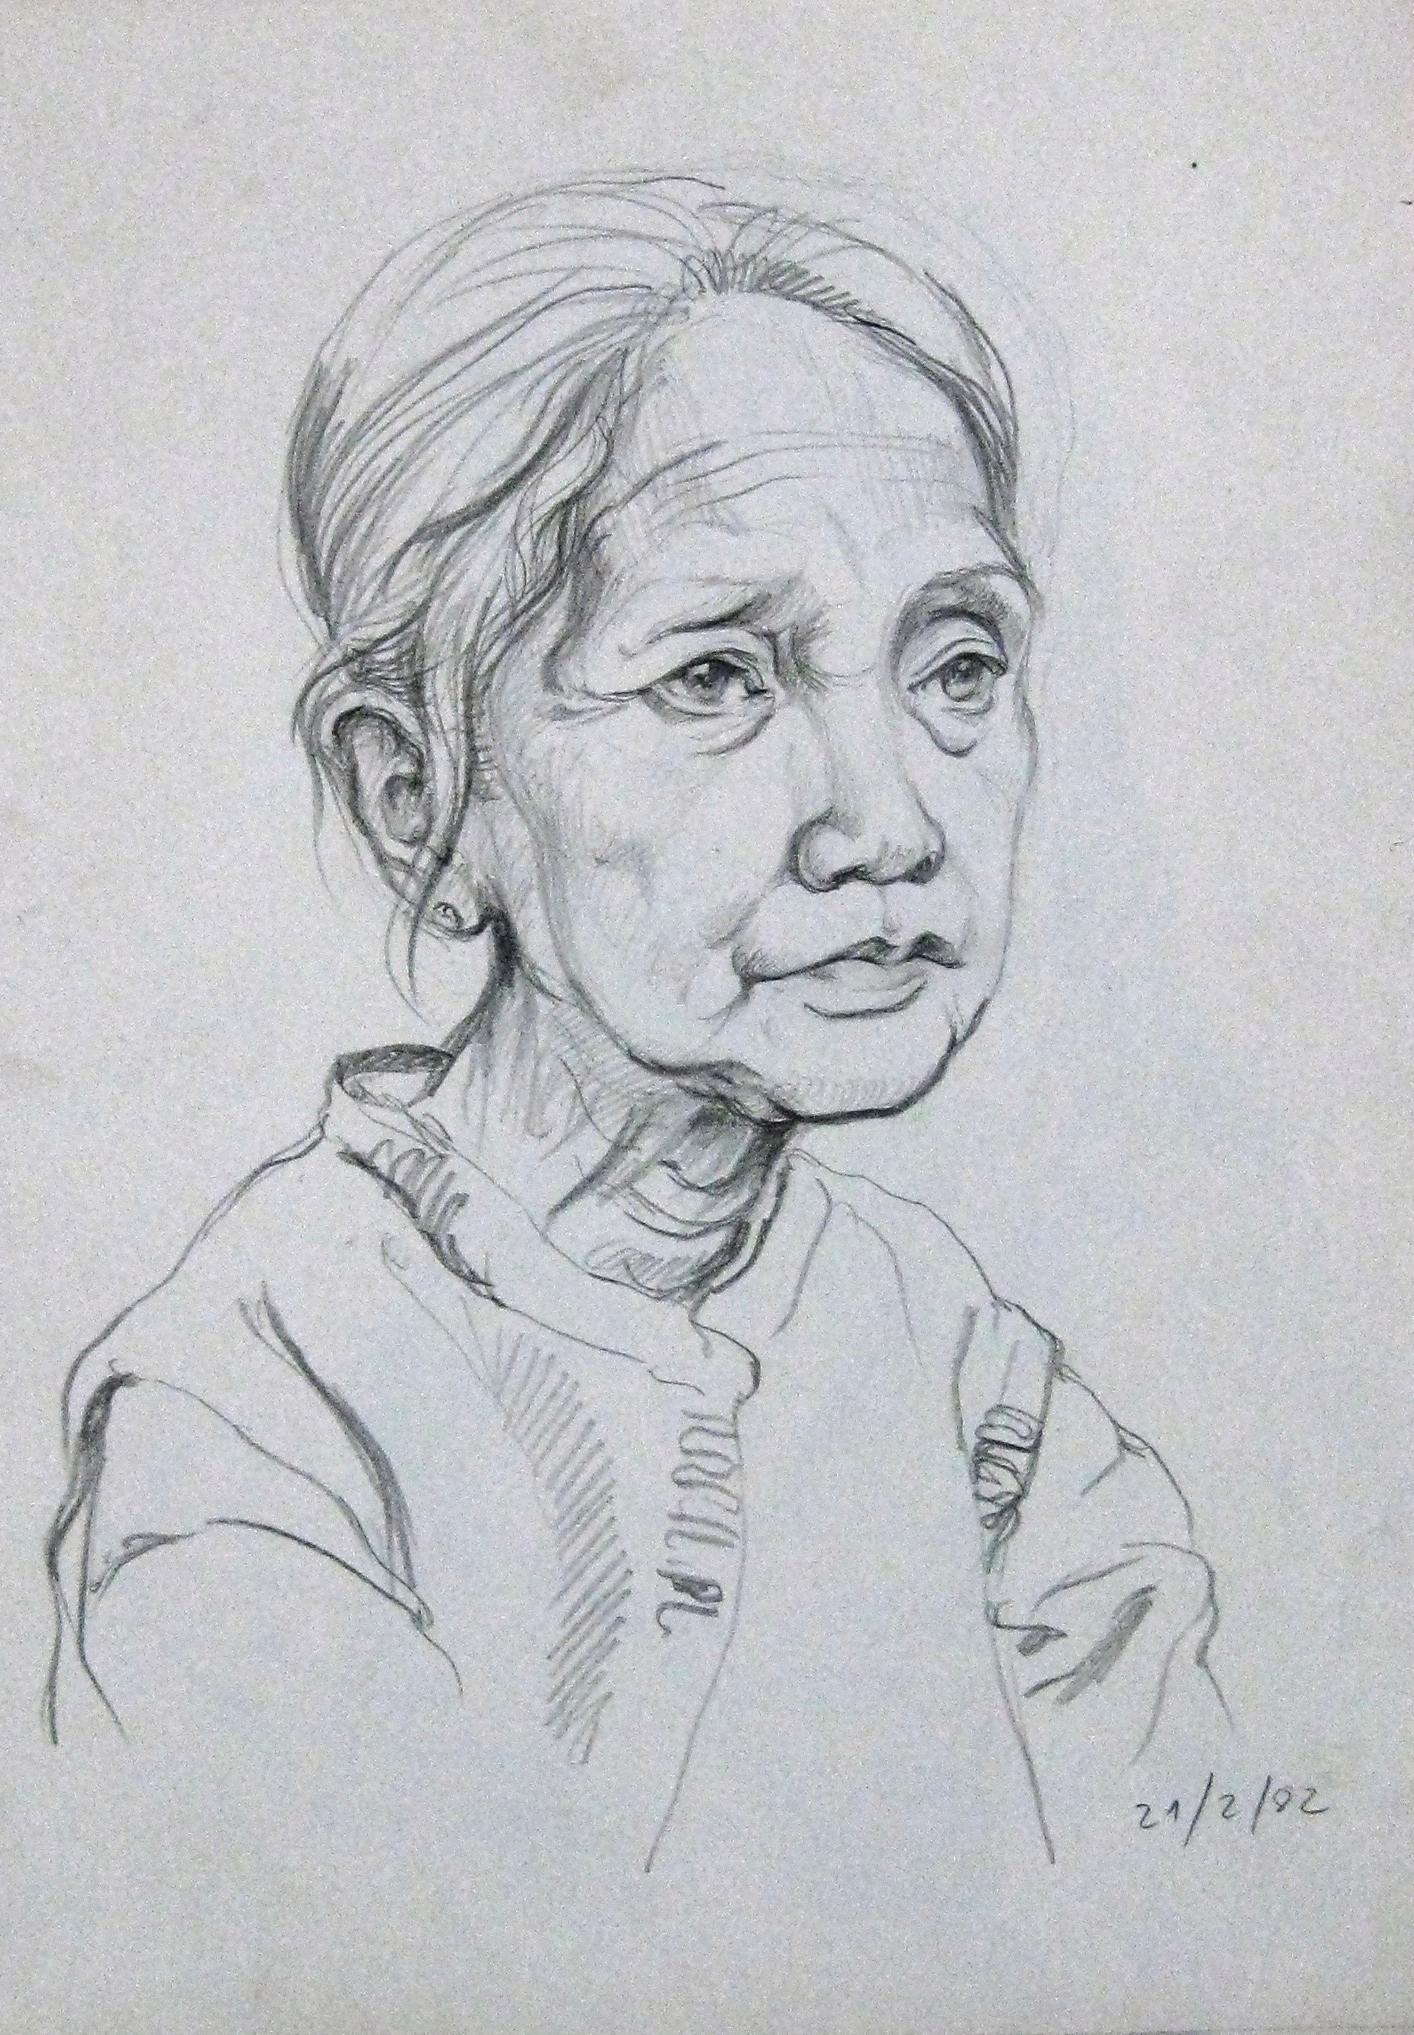 Chân dung bà Tăng Ngọc Loan (1982) ký họa chì